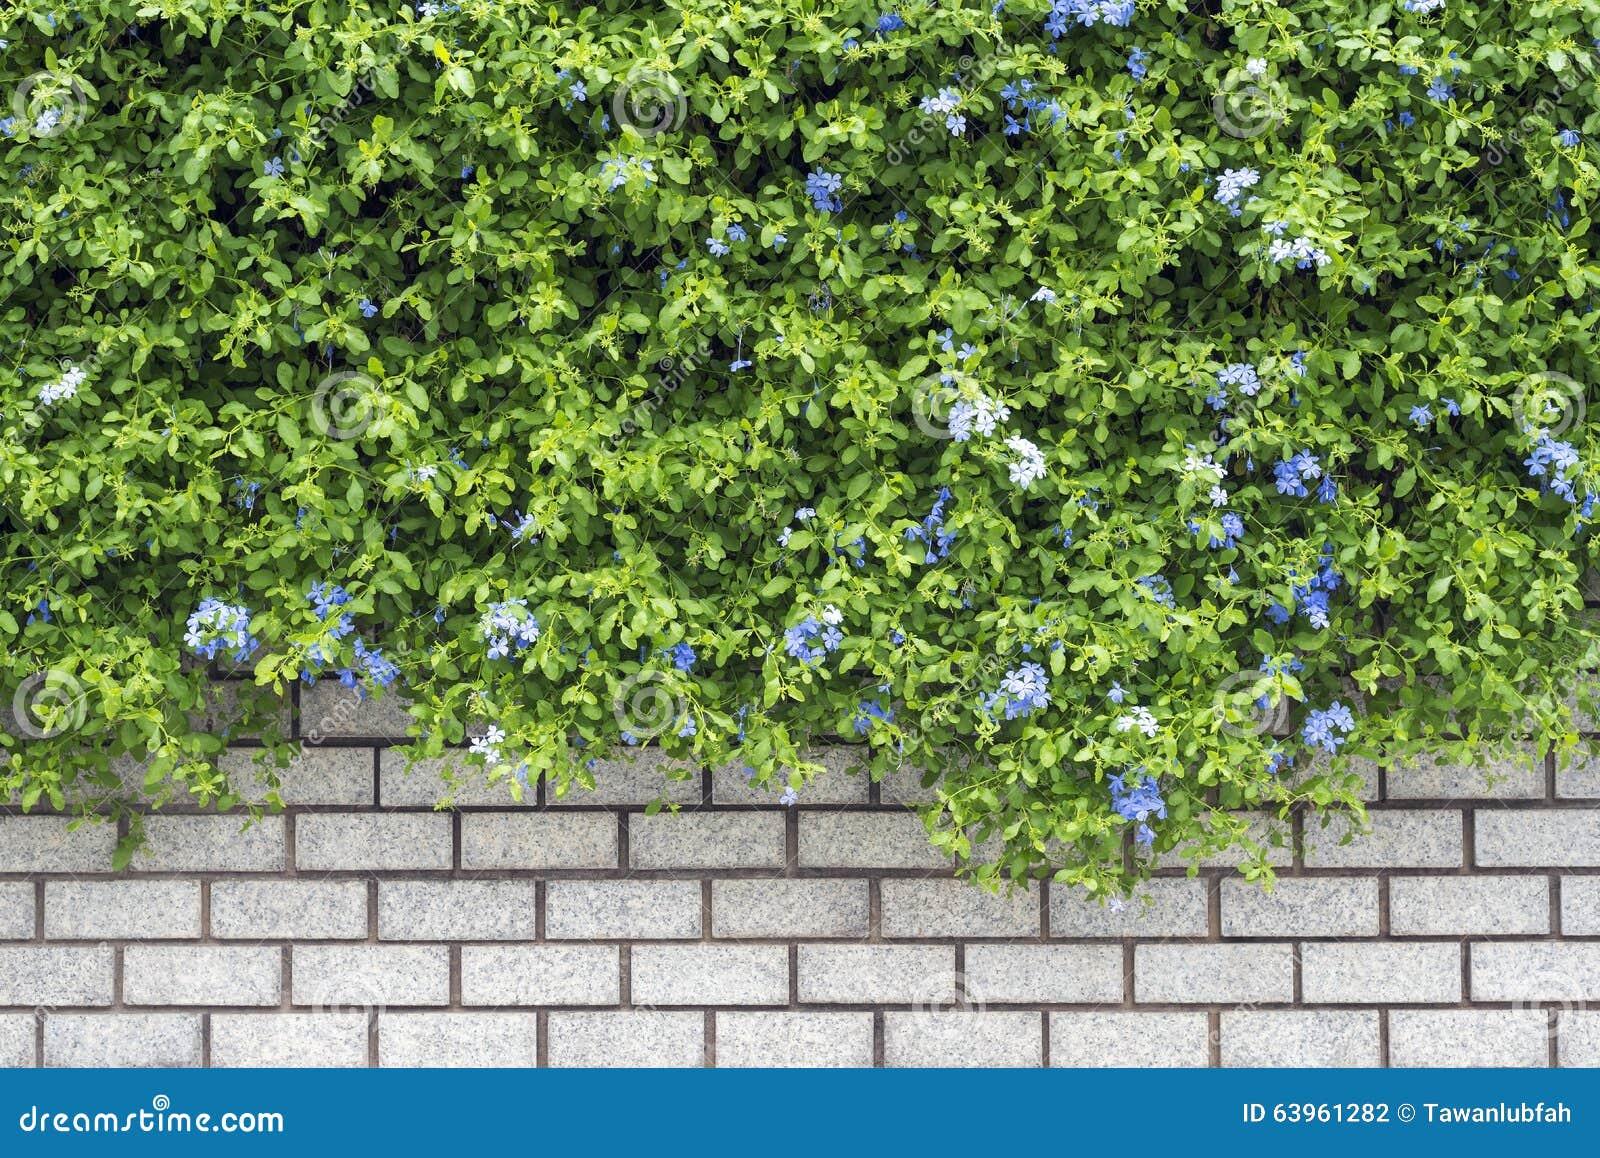 Bakstenen Muur Tuin : Decoratieve groene tuin op een bakstenen muur stock foto